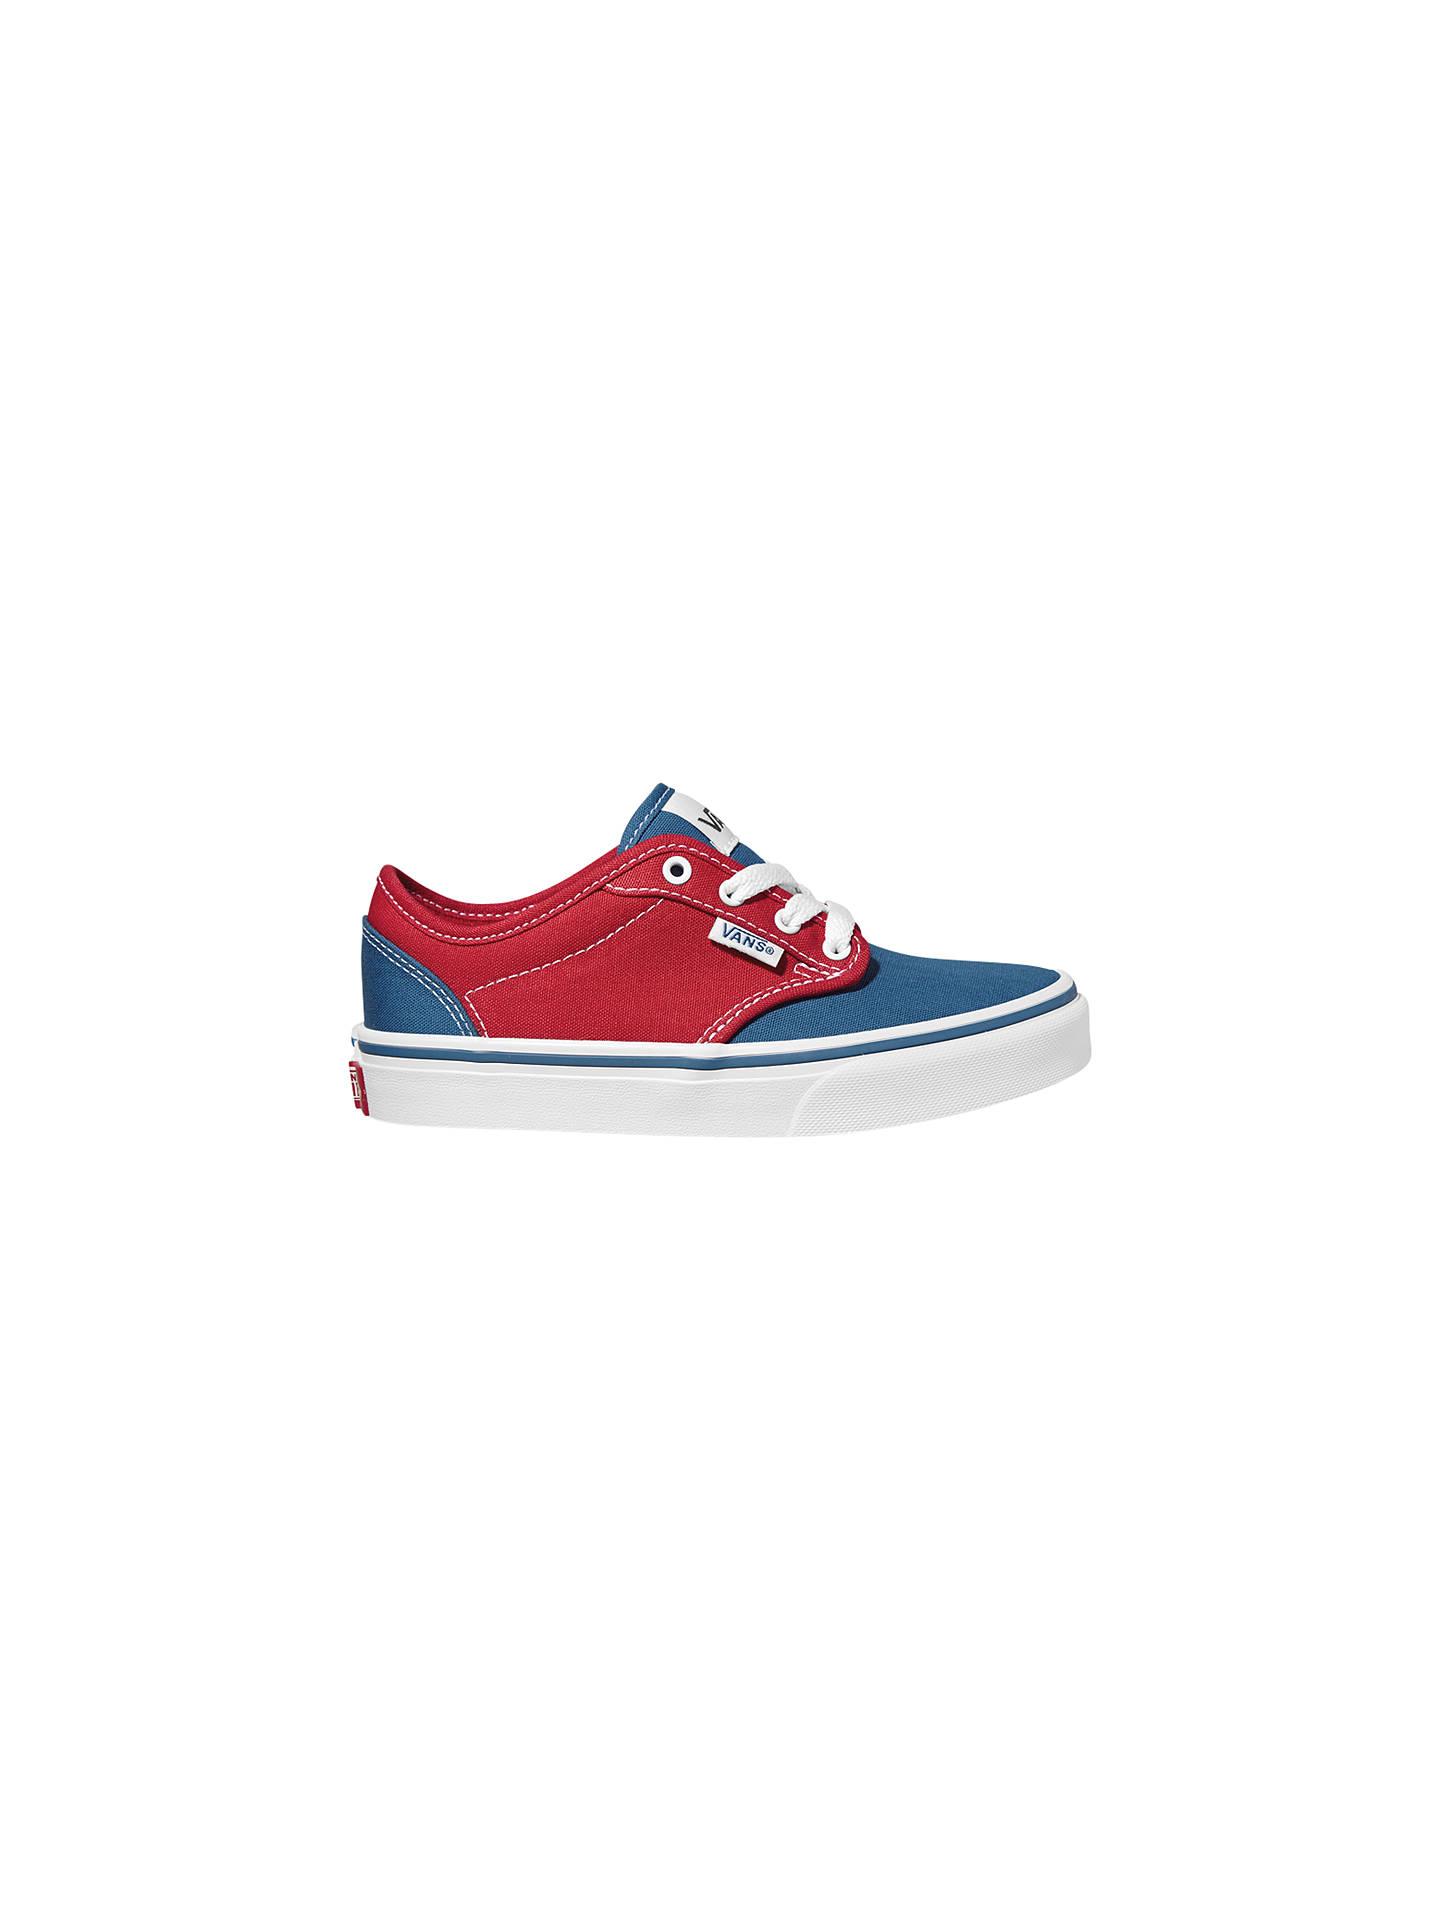 17829fd8d8cfe5 Buy Vans Children s 2 Tone Atwood Shoes